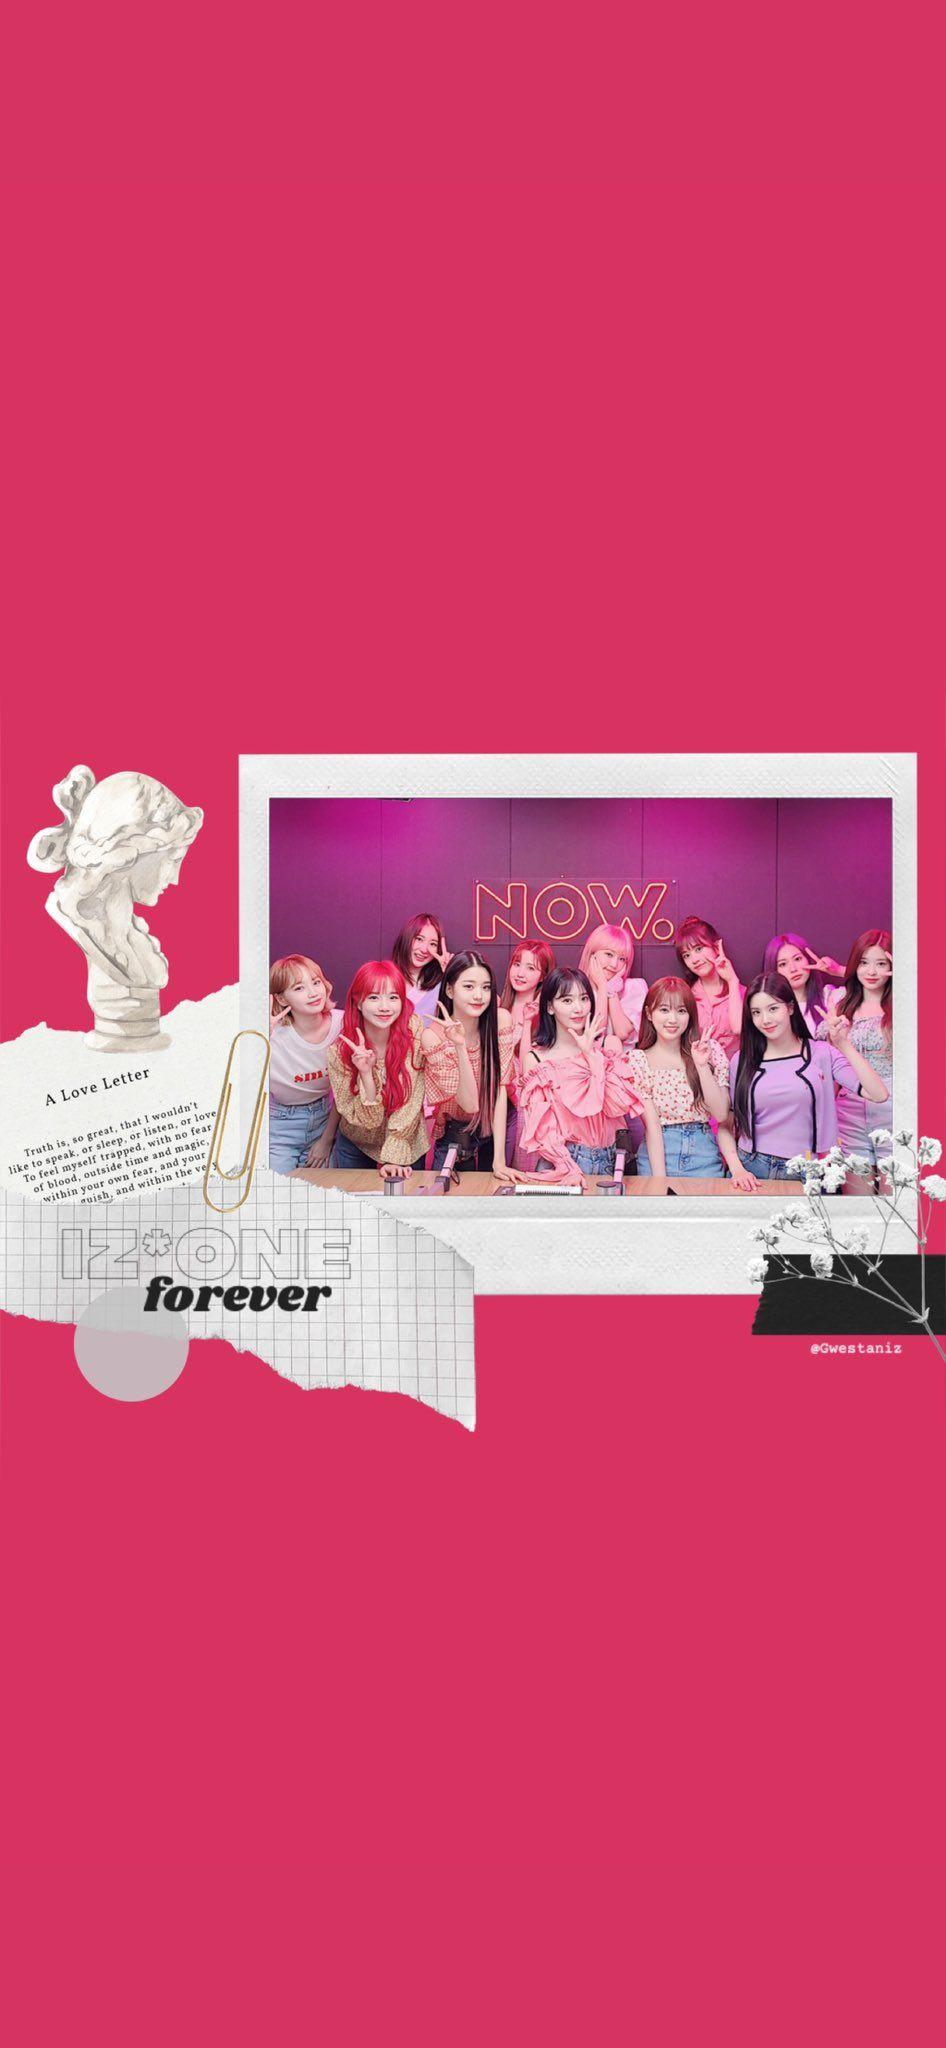 Twitter In 2020 Kpop Wallpaper Wallpaper Please Wallpaper